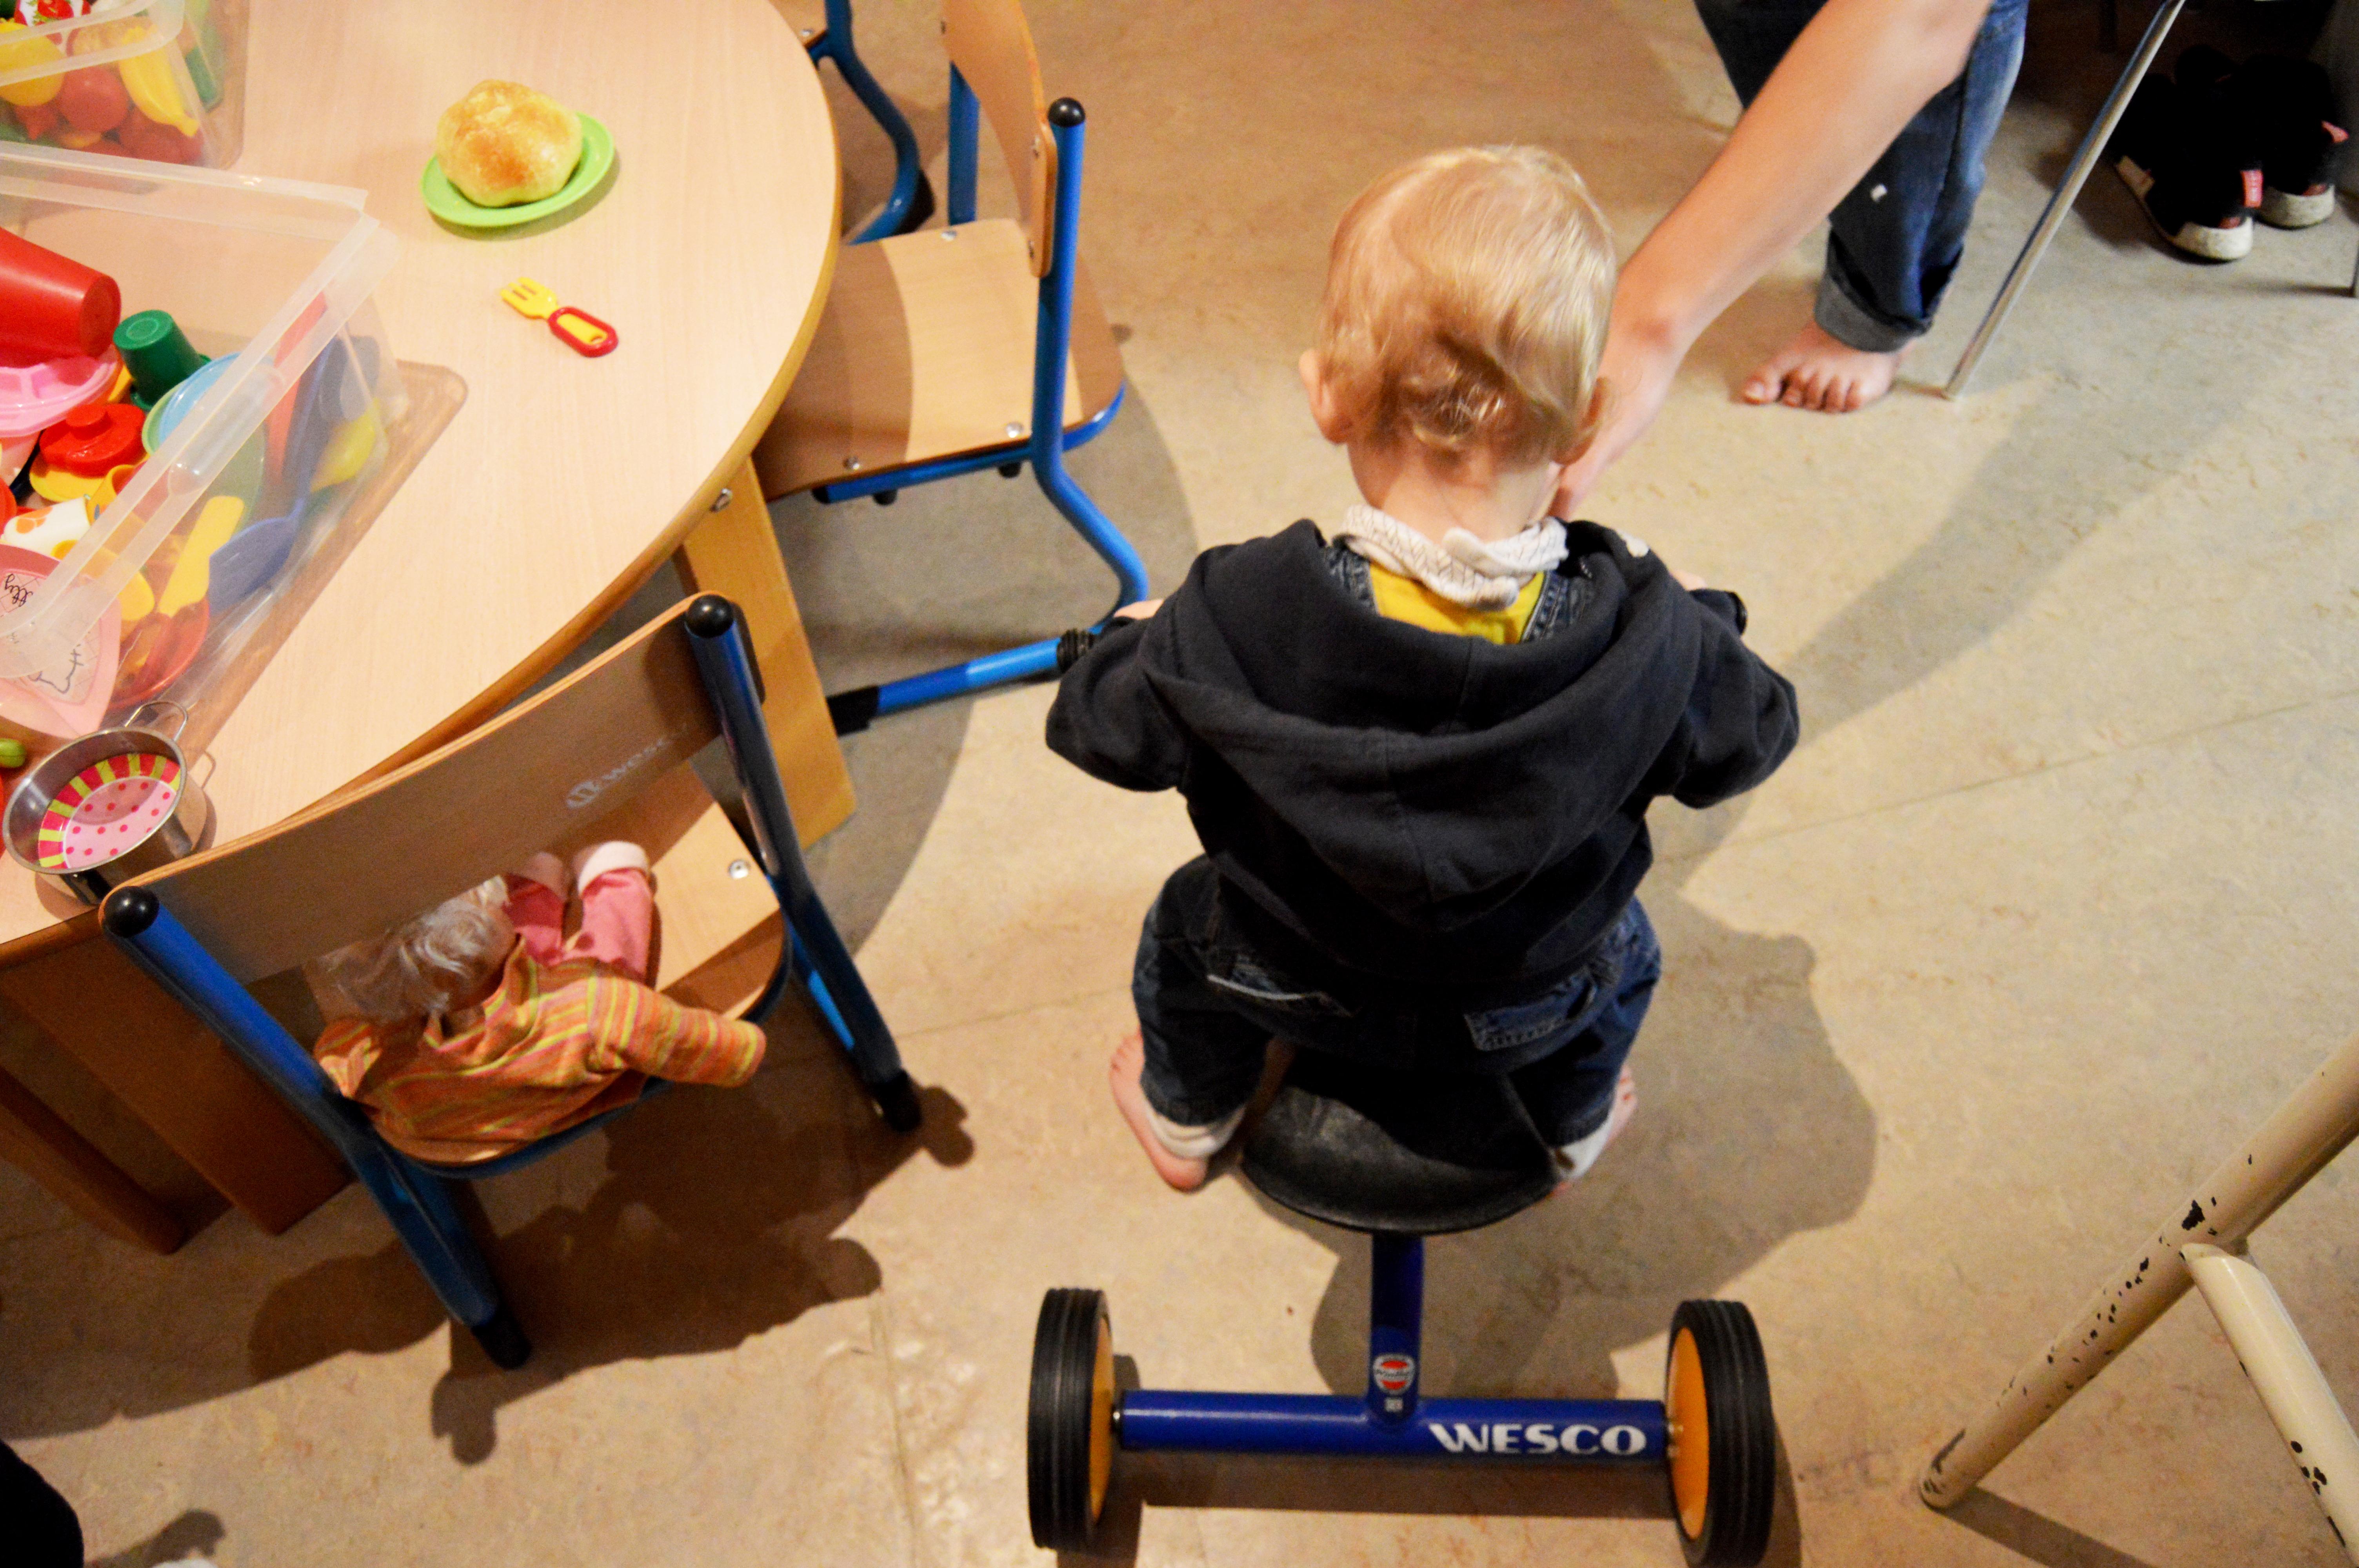 Barrath sur un petit vélo dans la pièce de la collation.